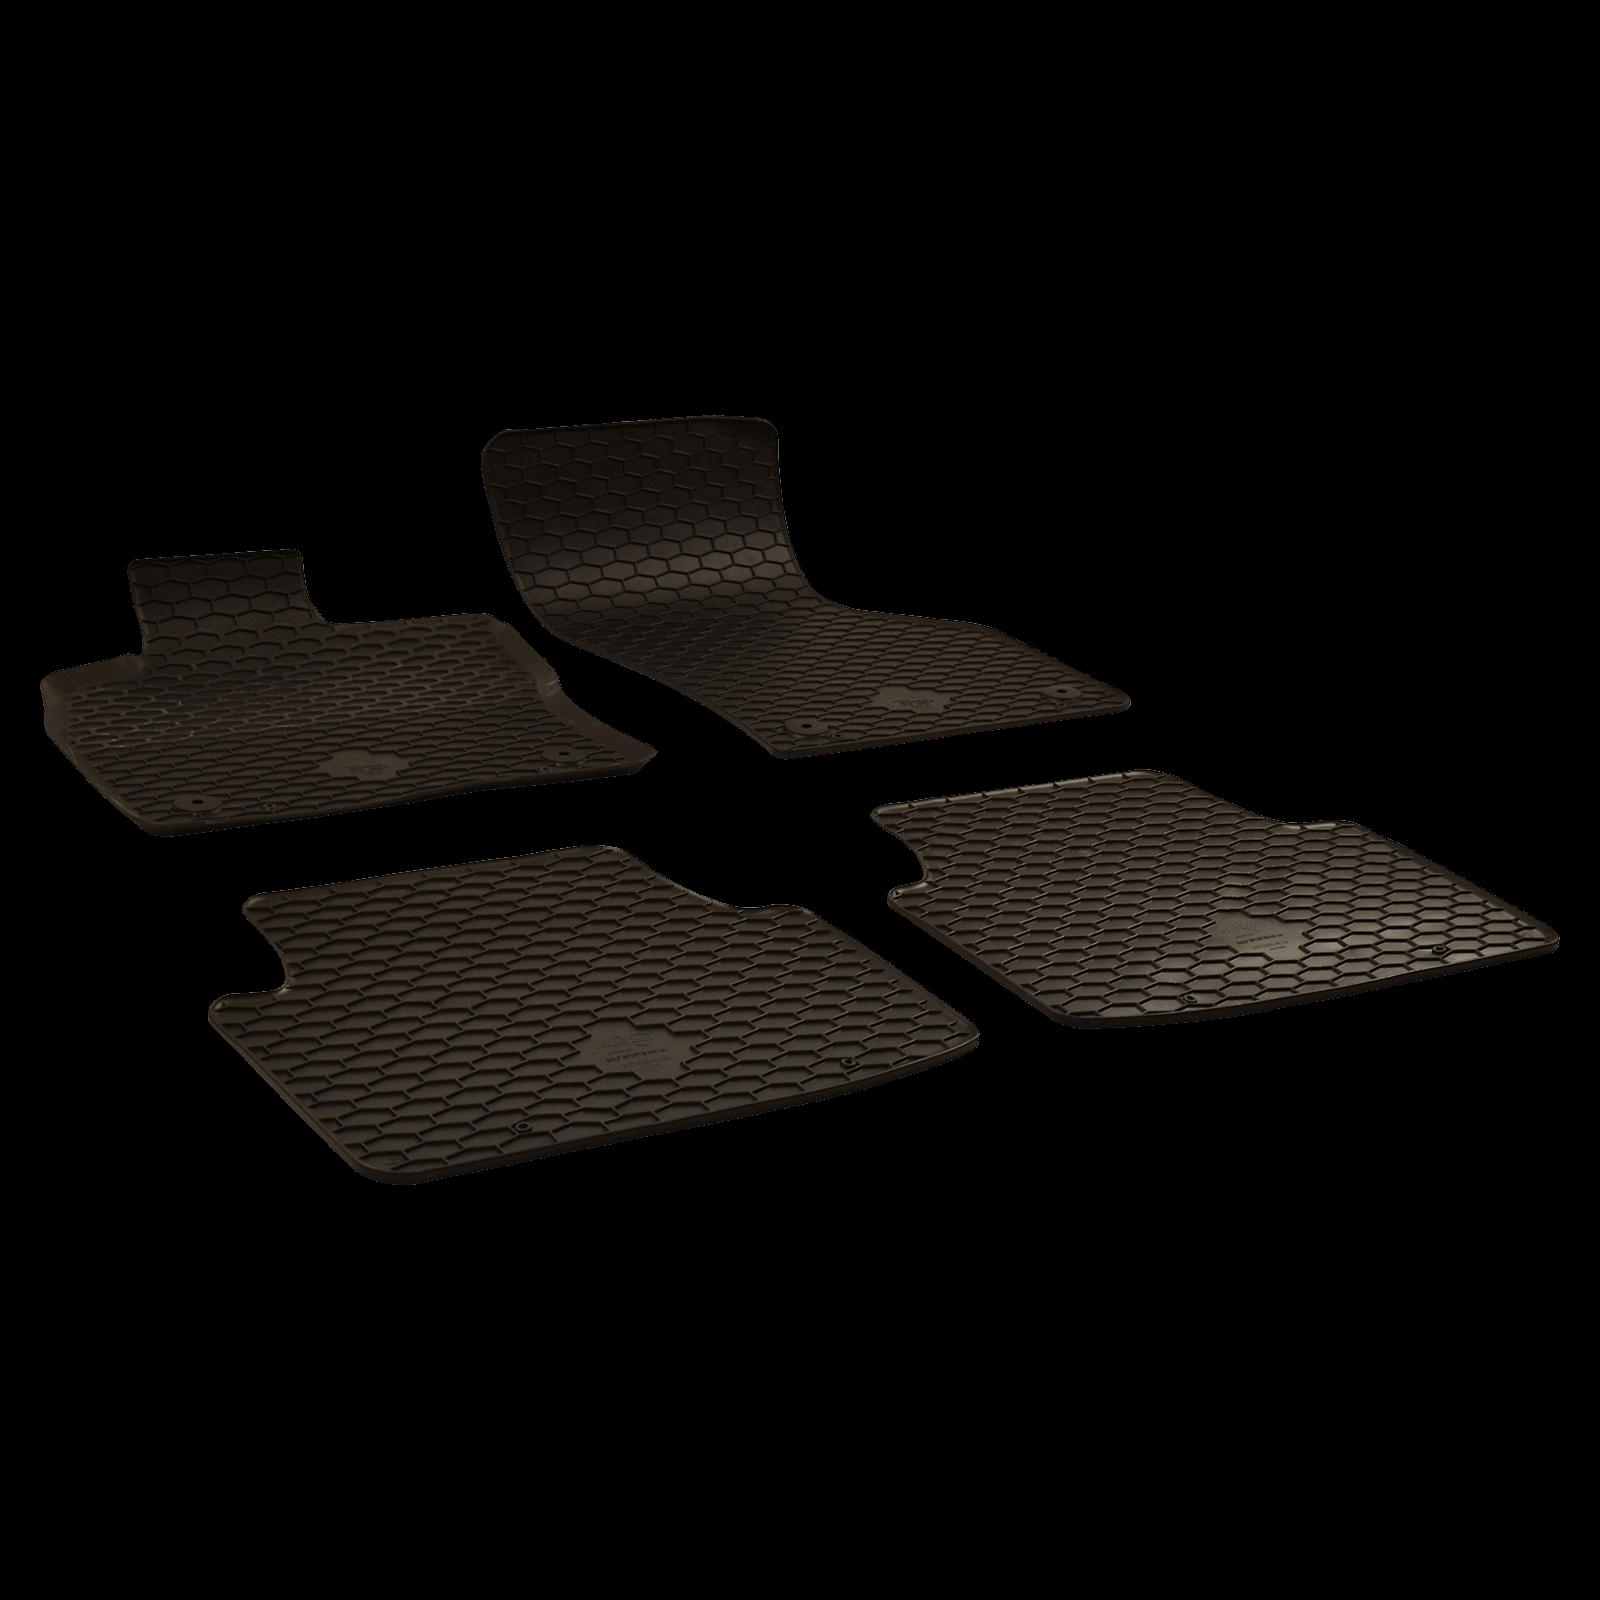 tapis de sol en caoutchouc noir pour bj